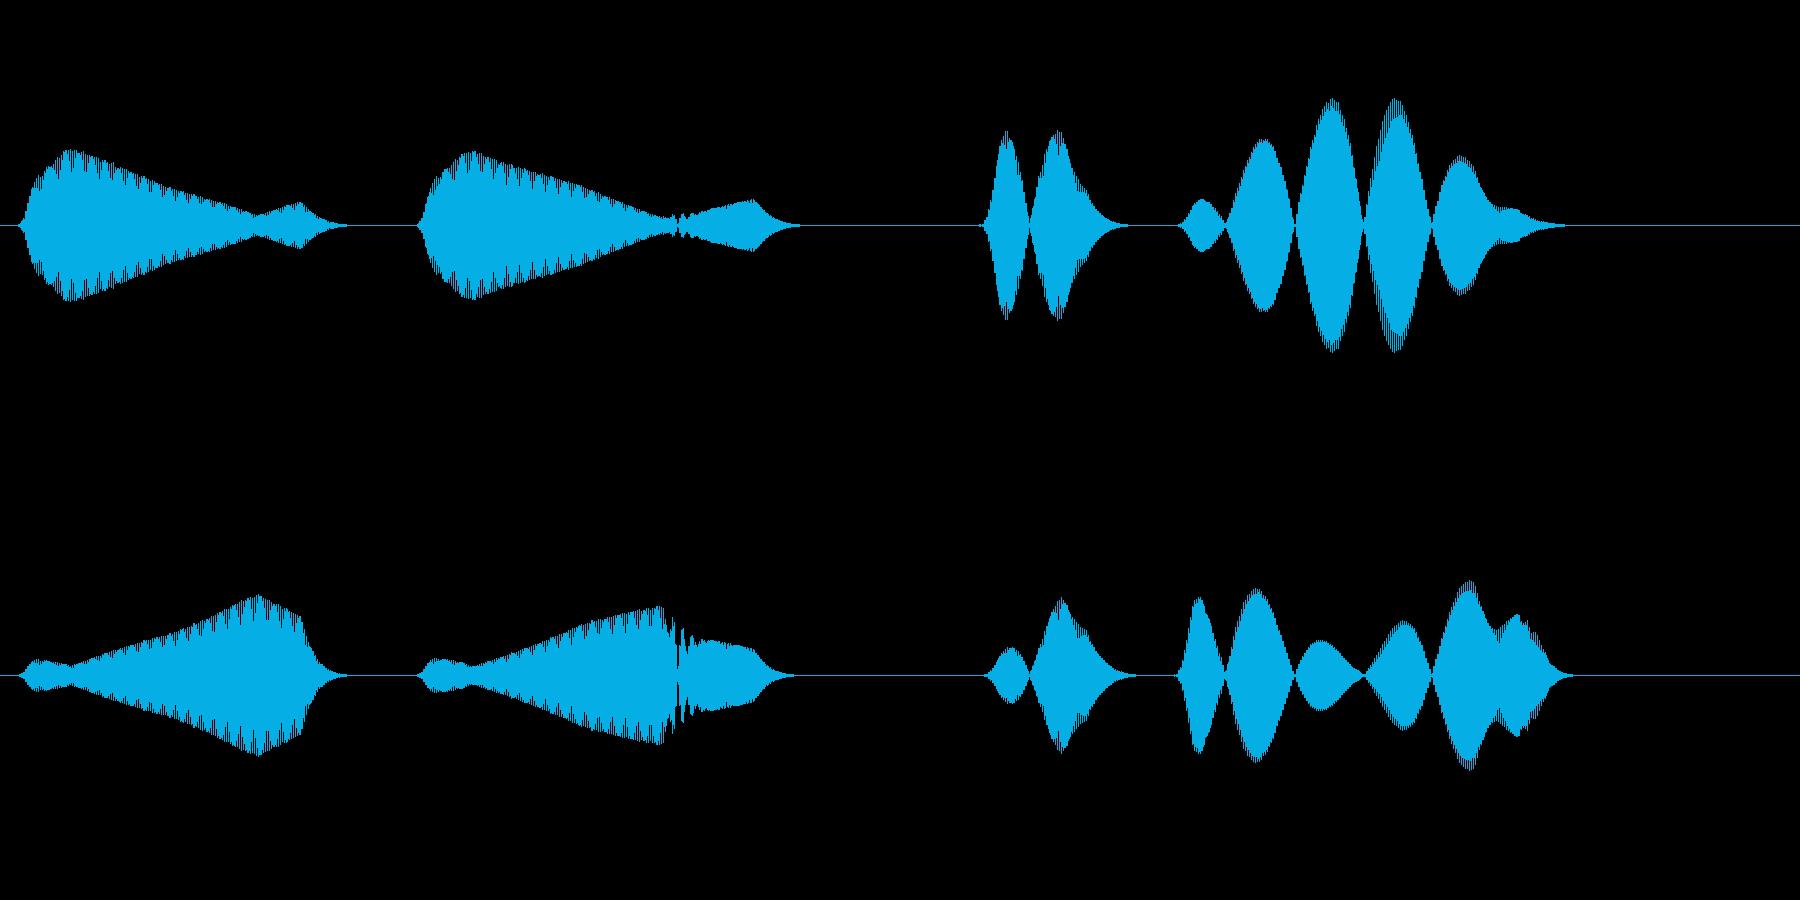 ホーホヘッホッホー(山鳩の鳴き声)の再生済みの波形